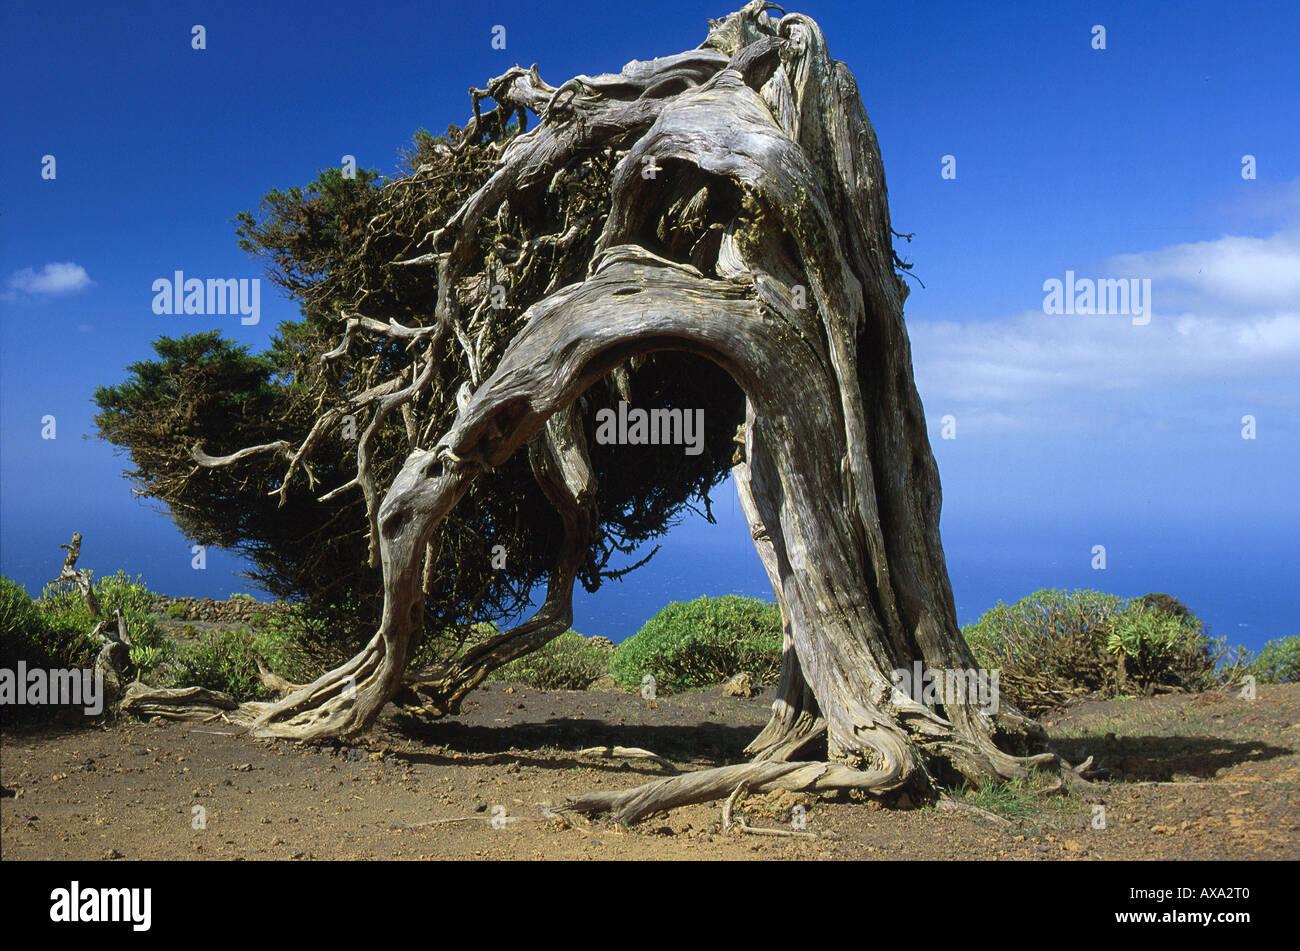 Wacholderbaum El Sabinar, El Hierro, Kanarische Inseln Spanien, Seite 125 o.re. Stock Photo